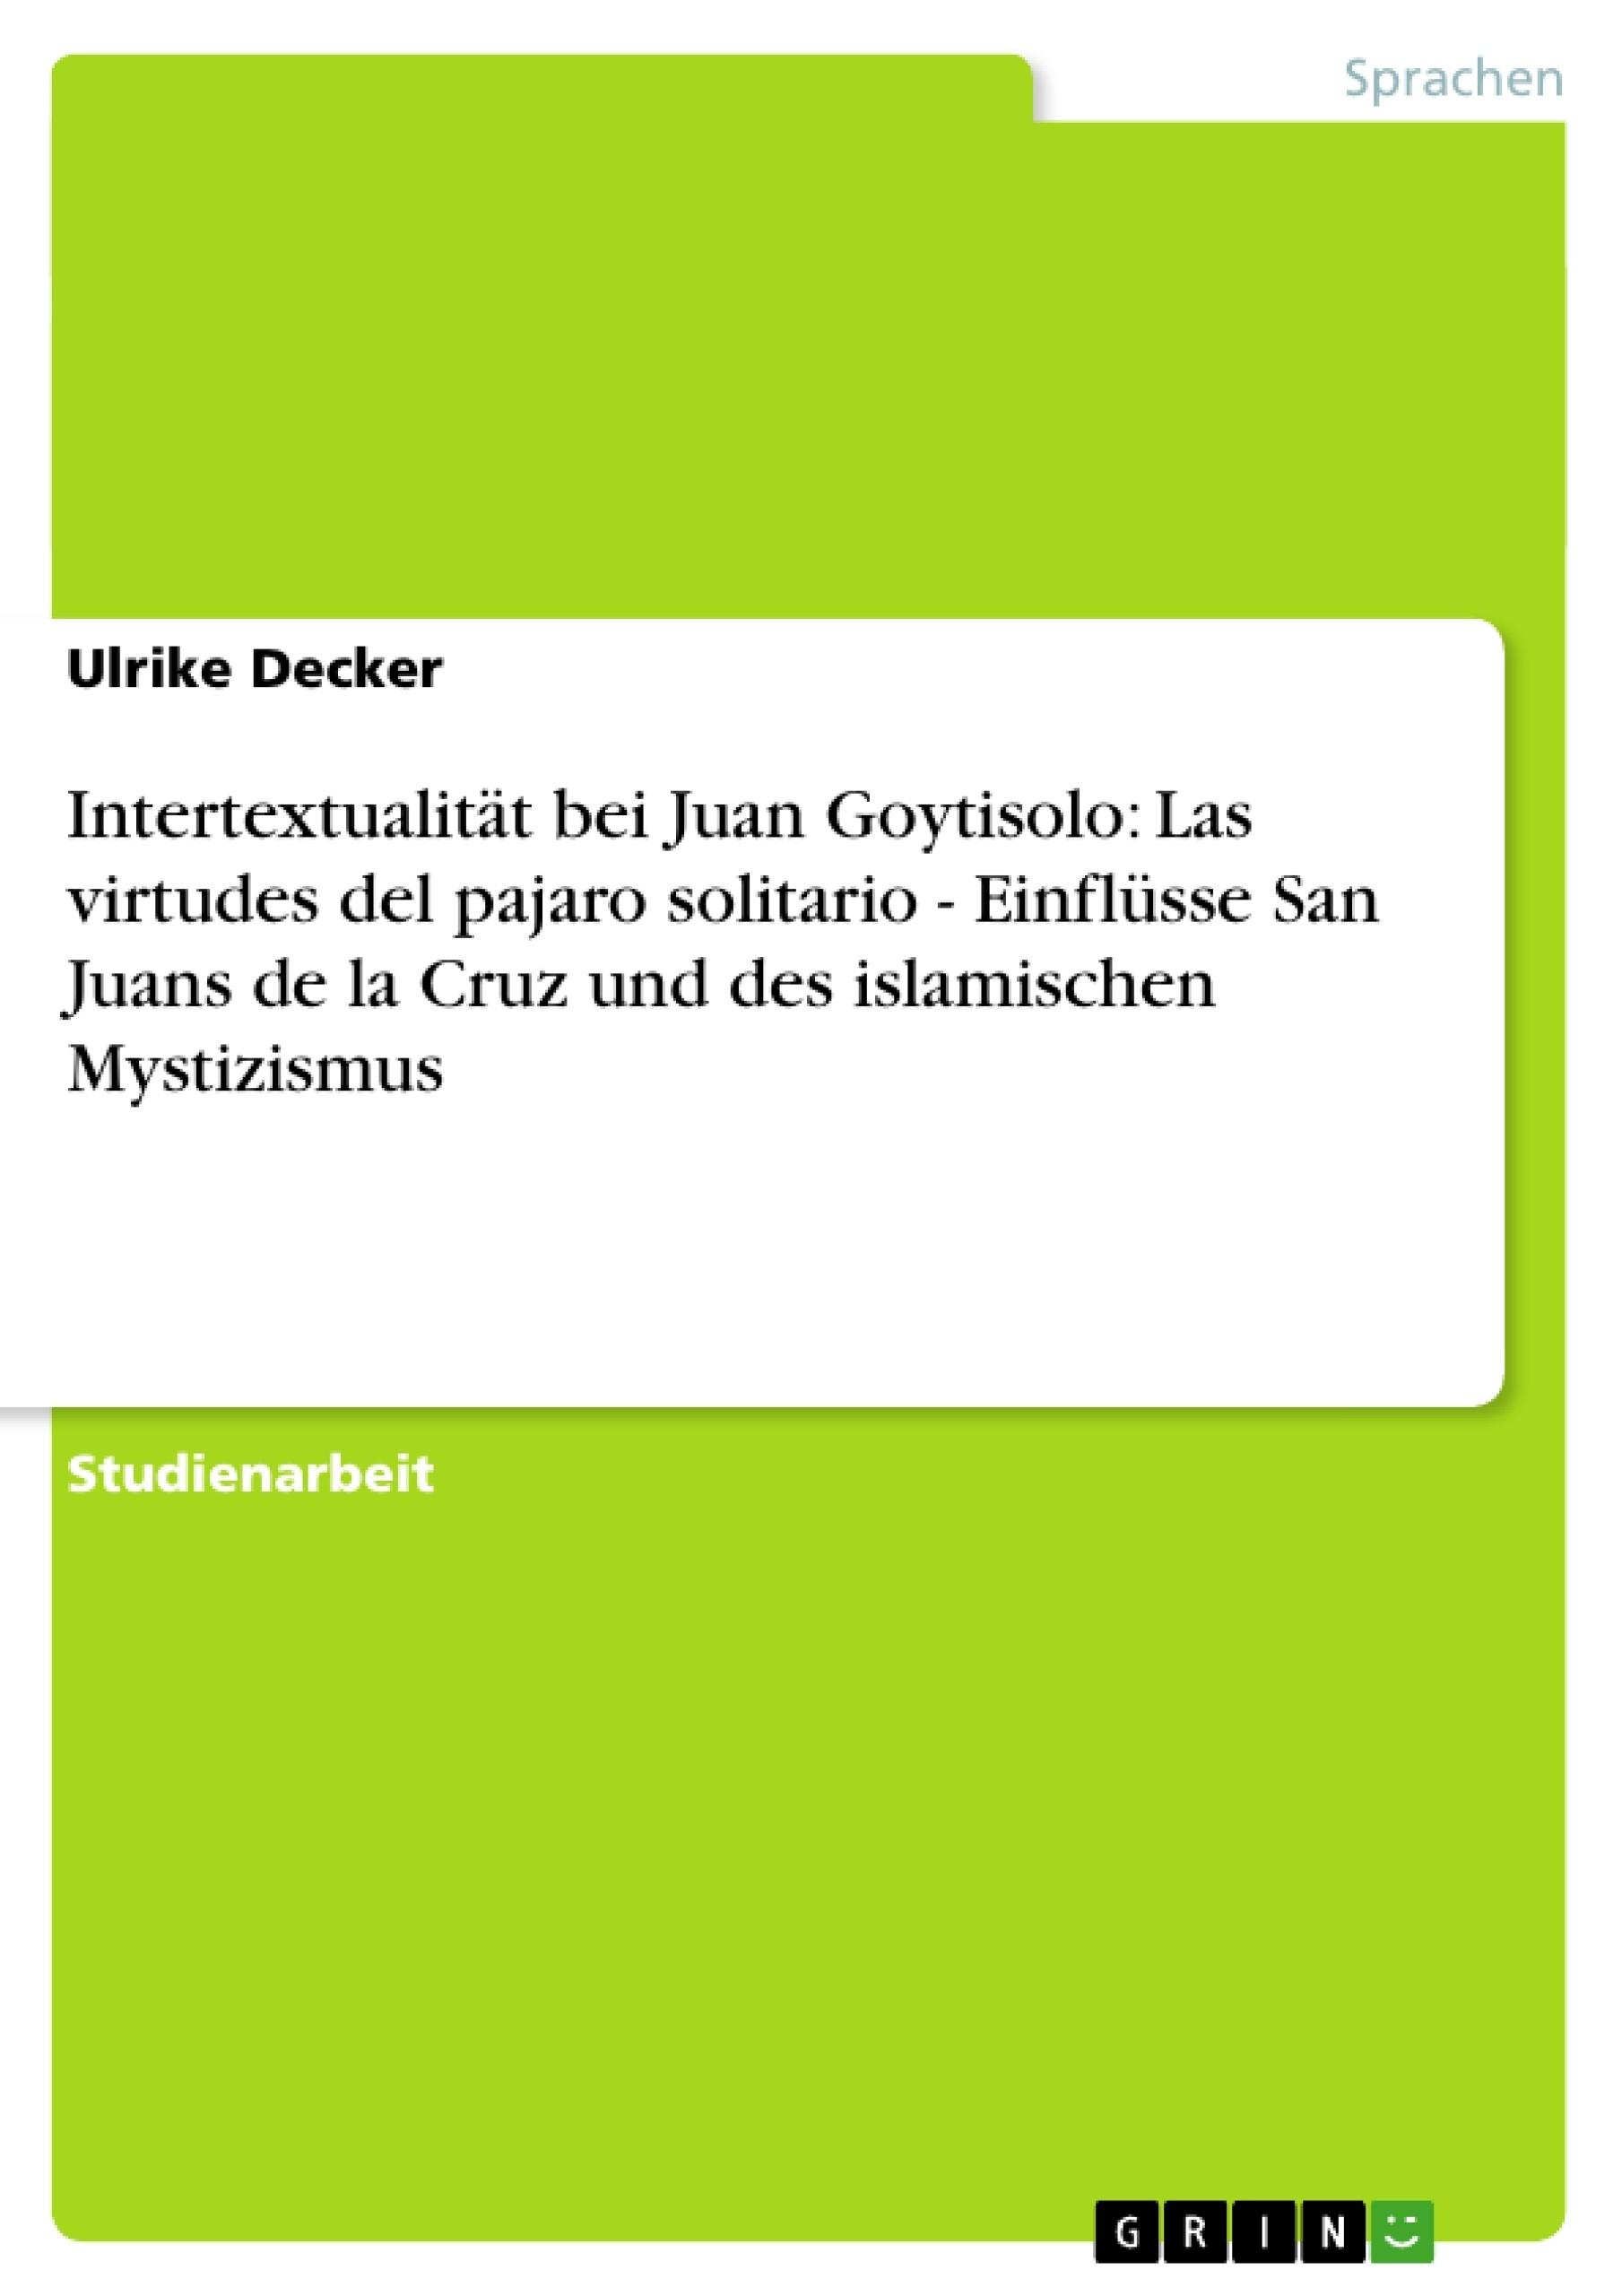 Titel: Intertextualität bei Juan Goytisolo: Las virtudes del pajaro solitario - Einflüsse San Juans de la Cruz und des islamischen Mystizismus